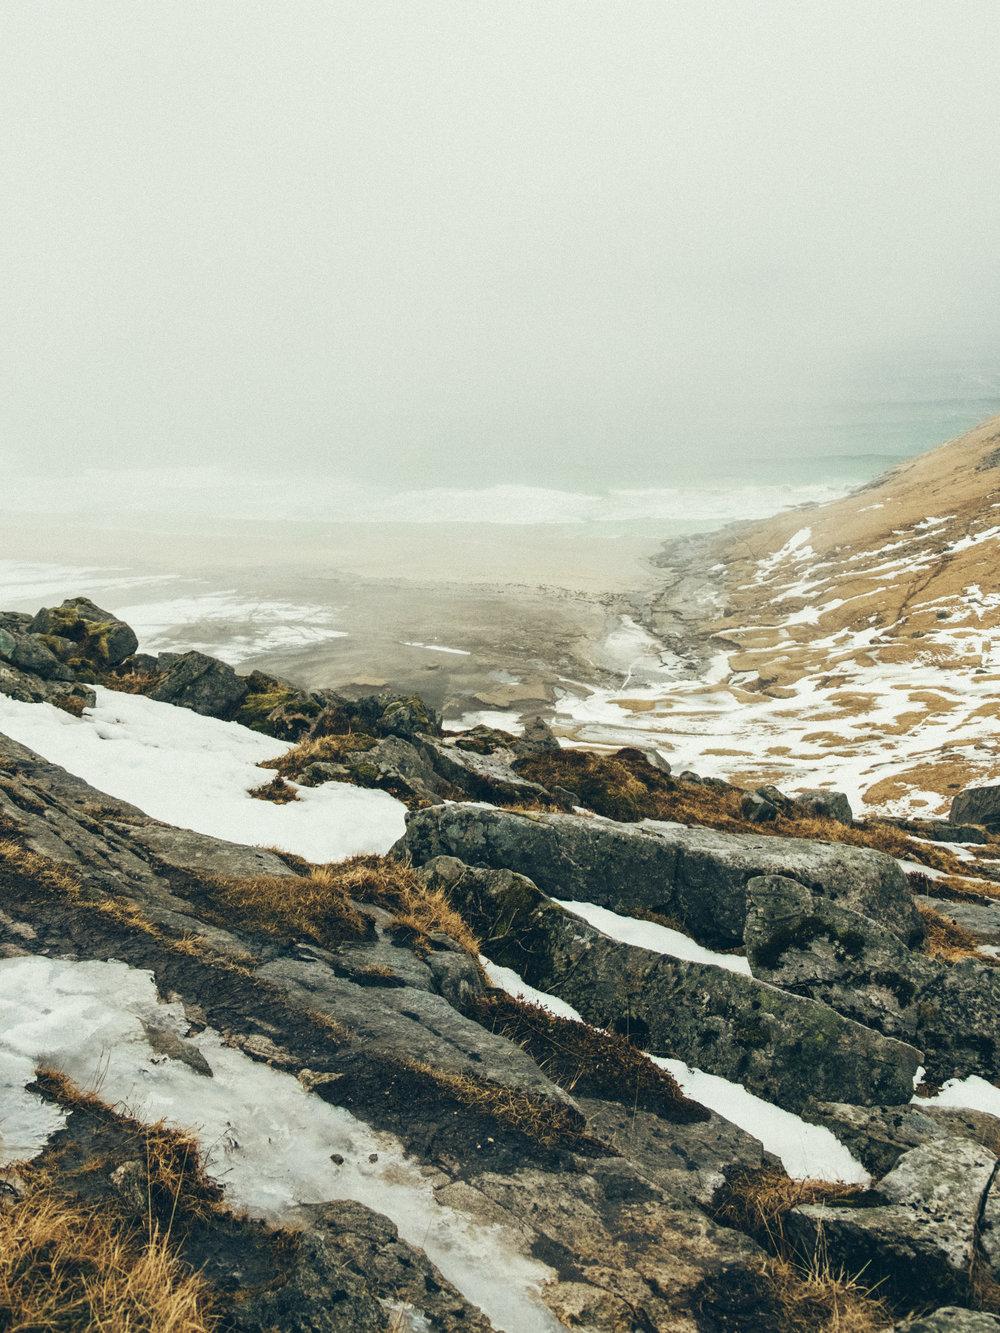 kvalvika-beach-mist